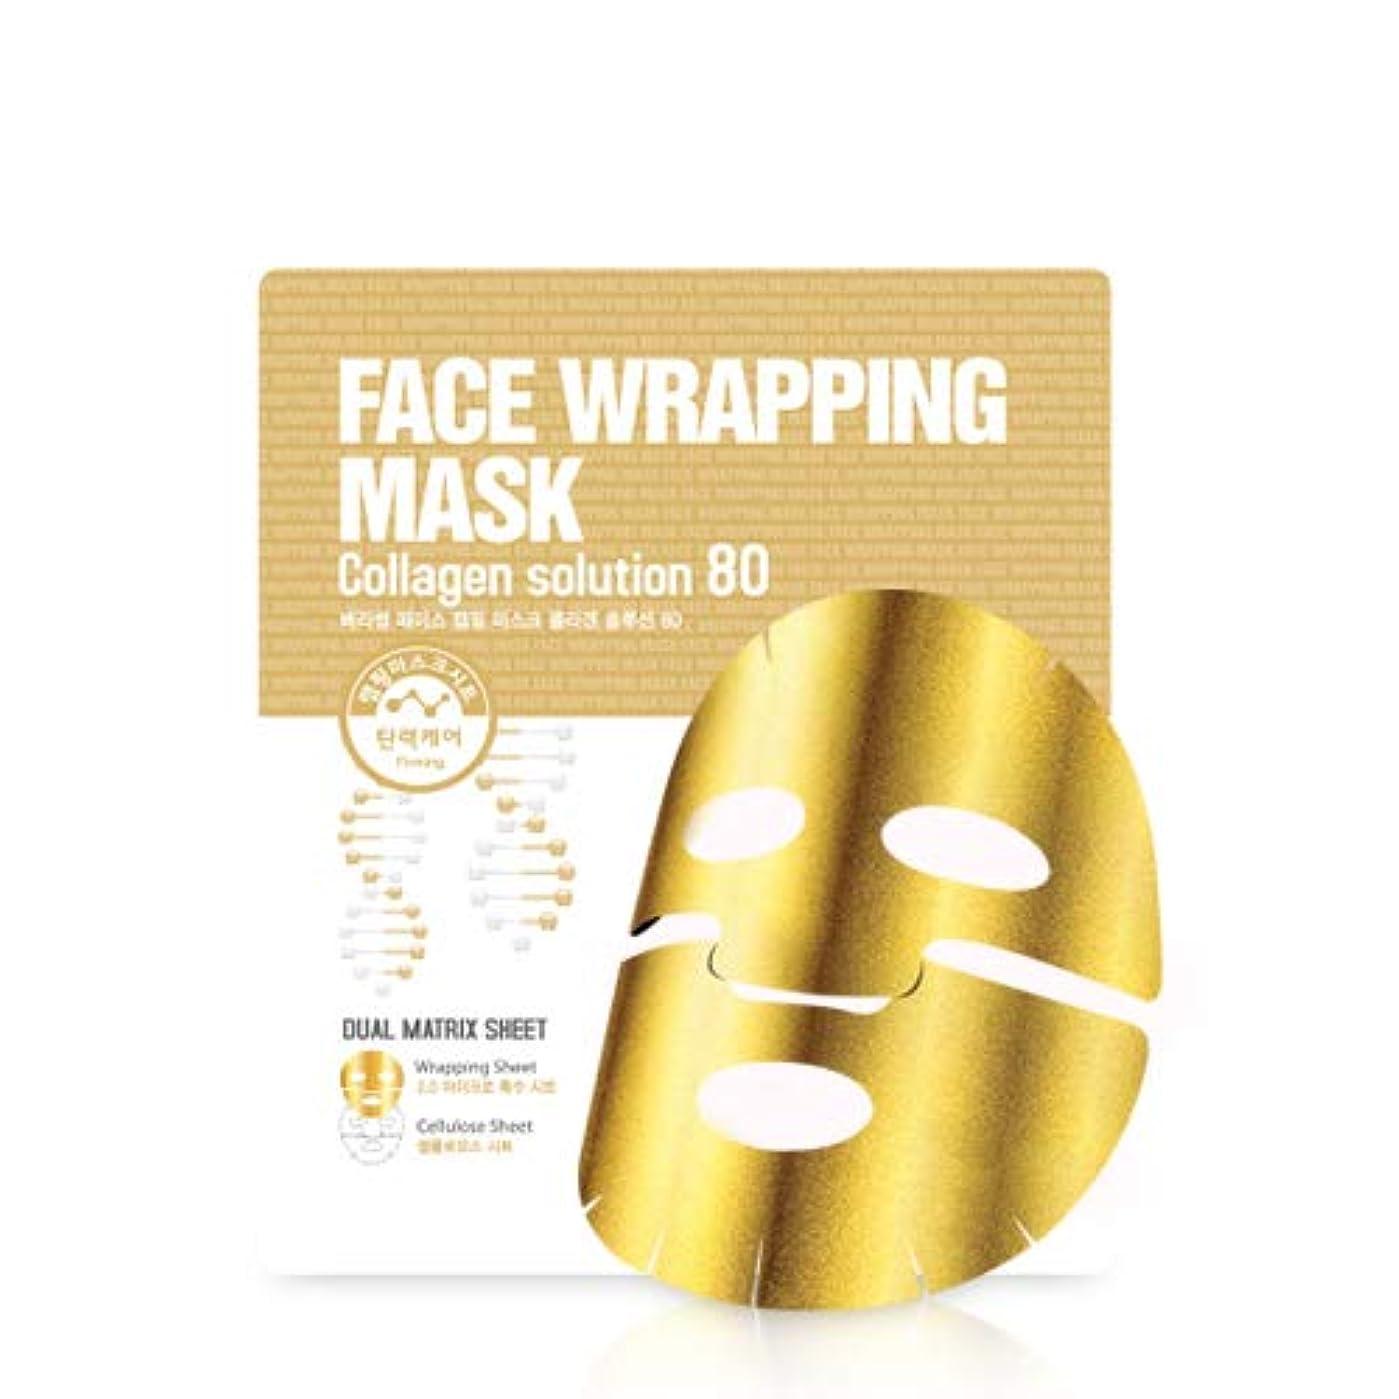 アイドルチューブ延期するベリソム[Berrisom] フェイスラッピングマスクコラーゲンソリューション80 / しわ防止、引き締め Wrapping Mask Collagen 27gx5P